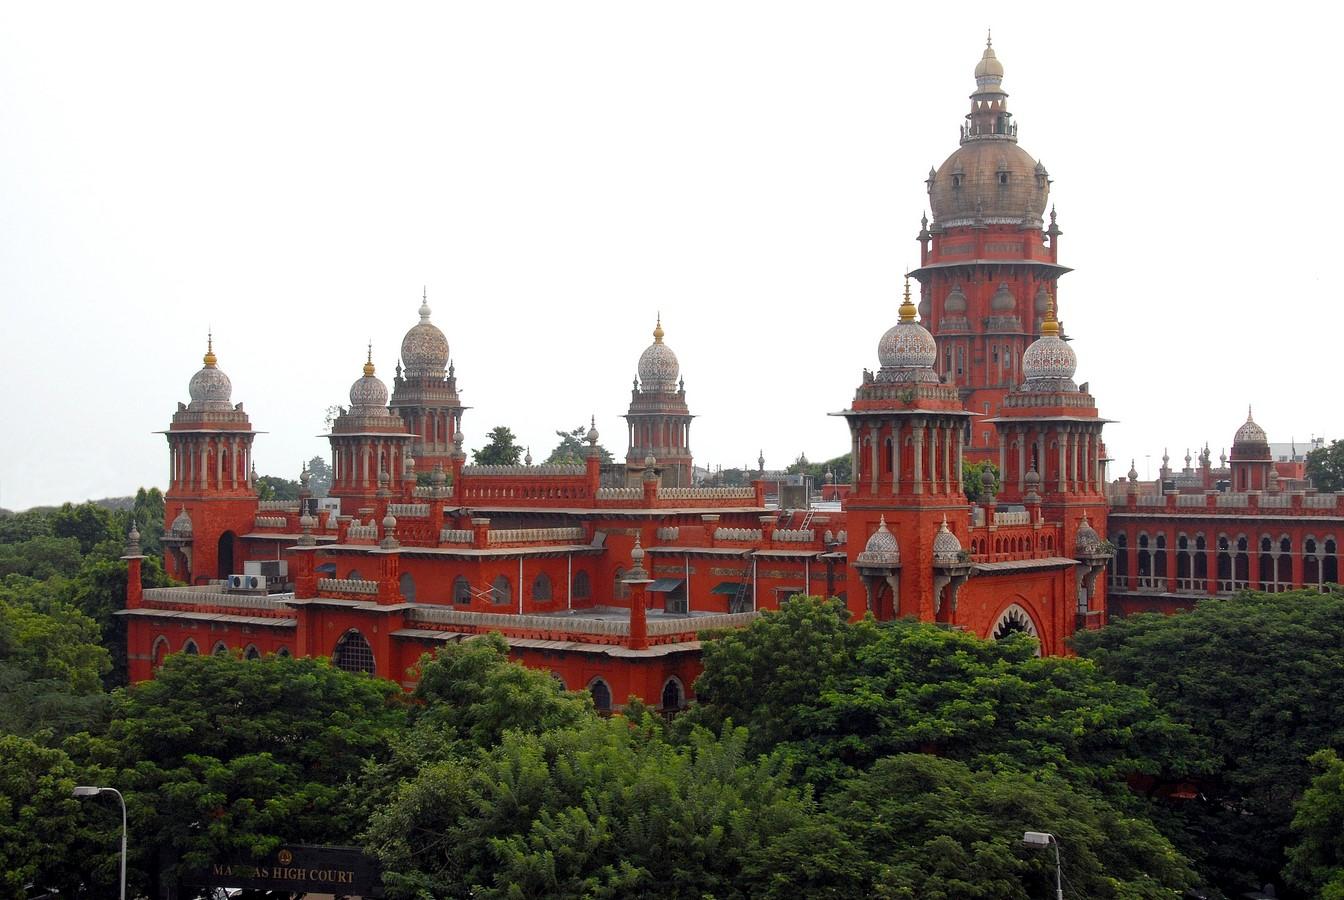 Madras High Court - Sheet1